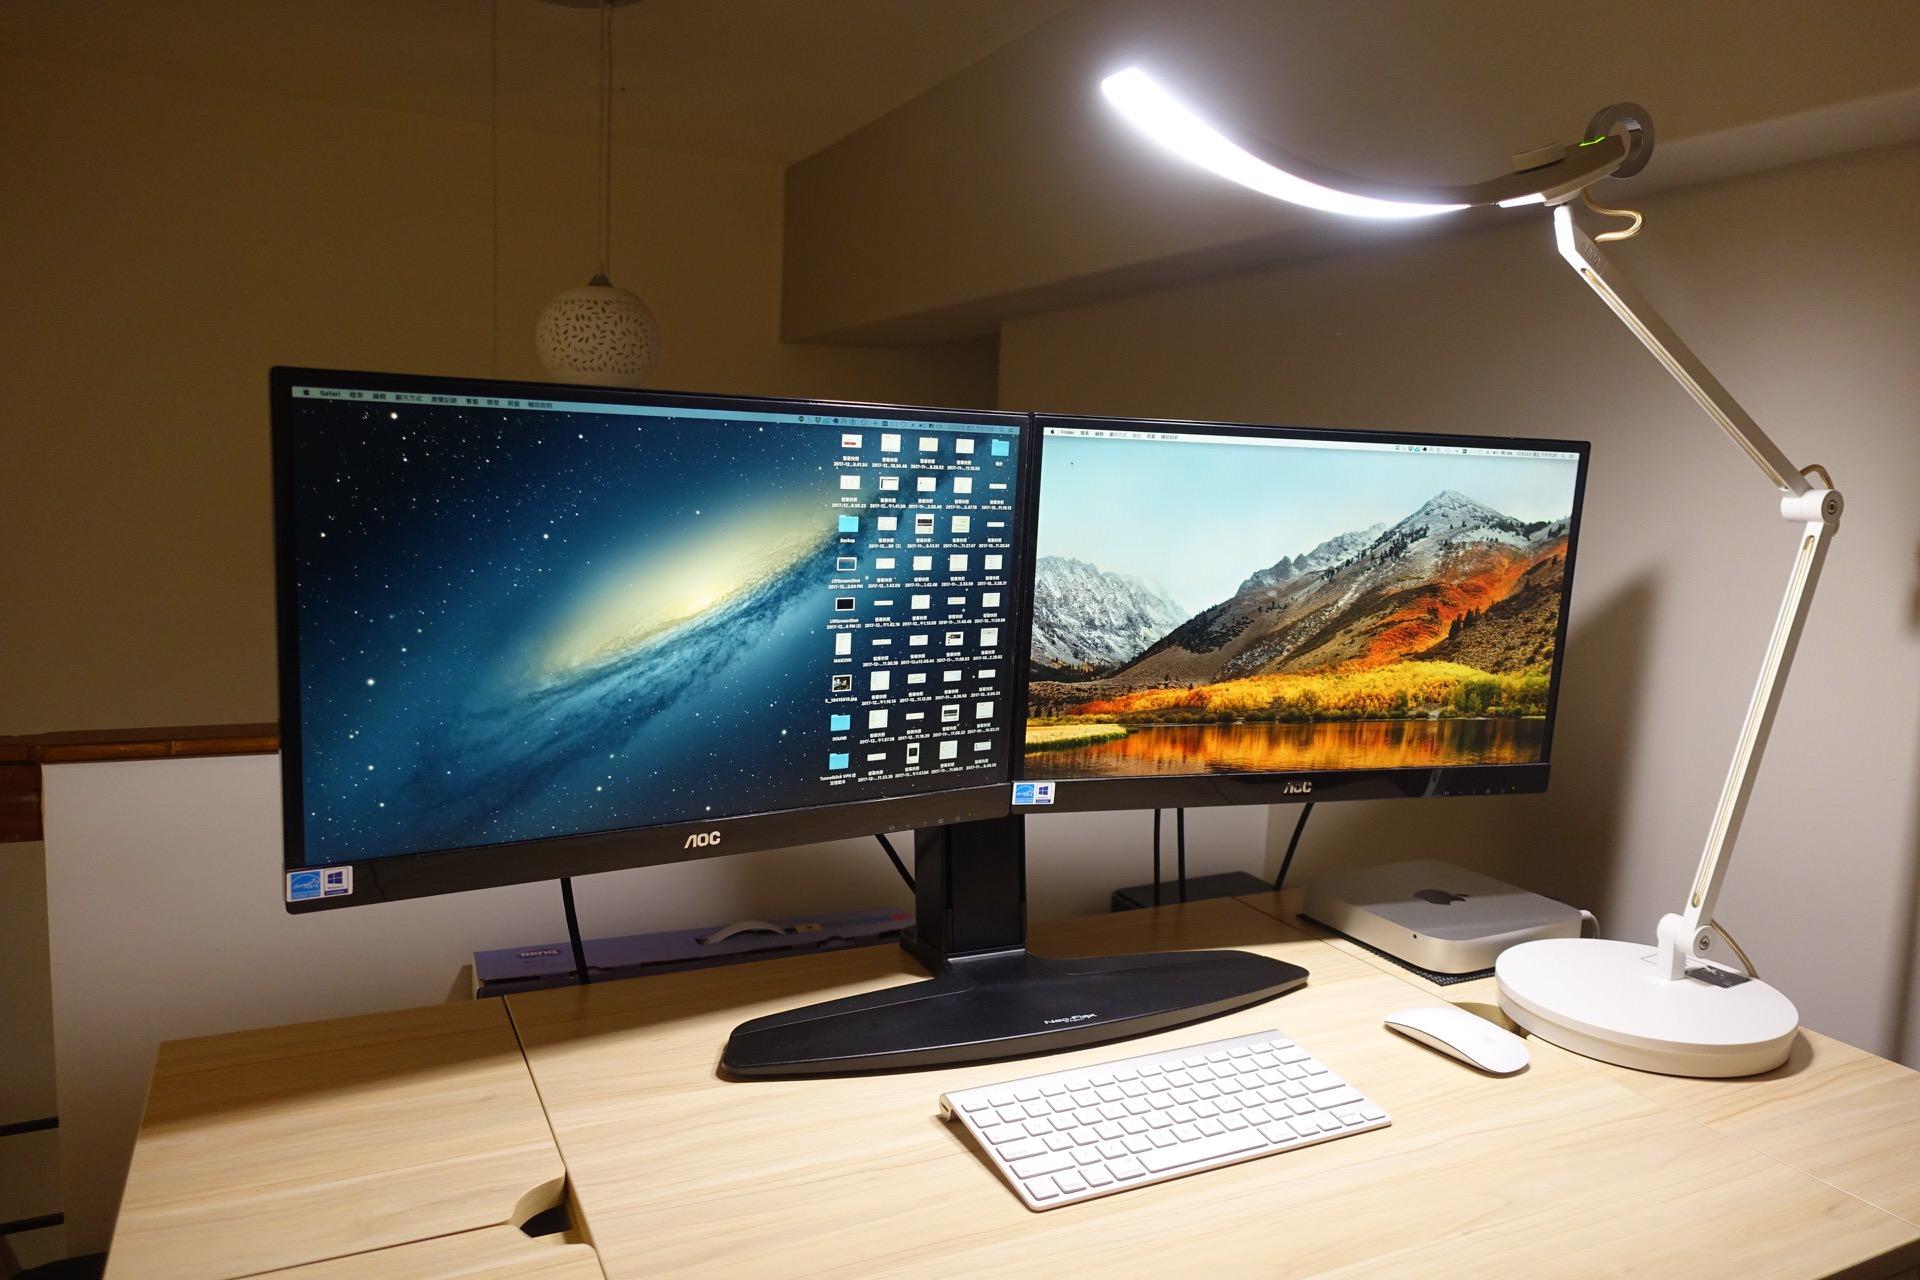 推薦 BenQ WiT 螢幕閱讀 LED 護眼檯燈